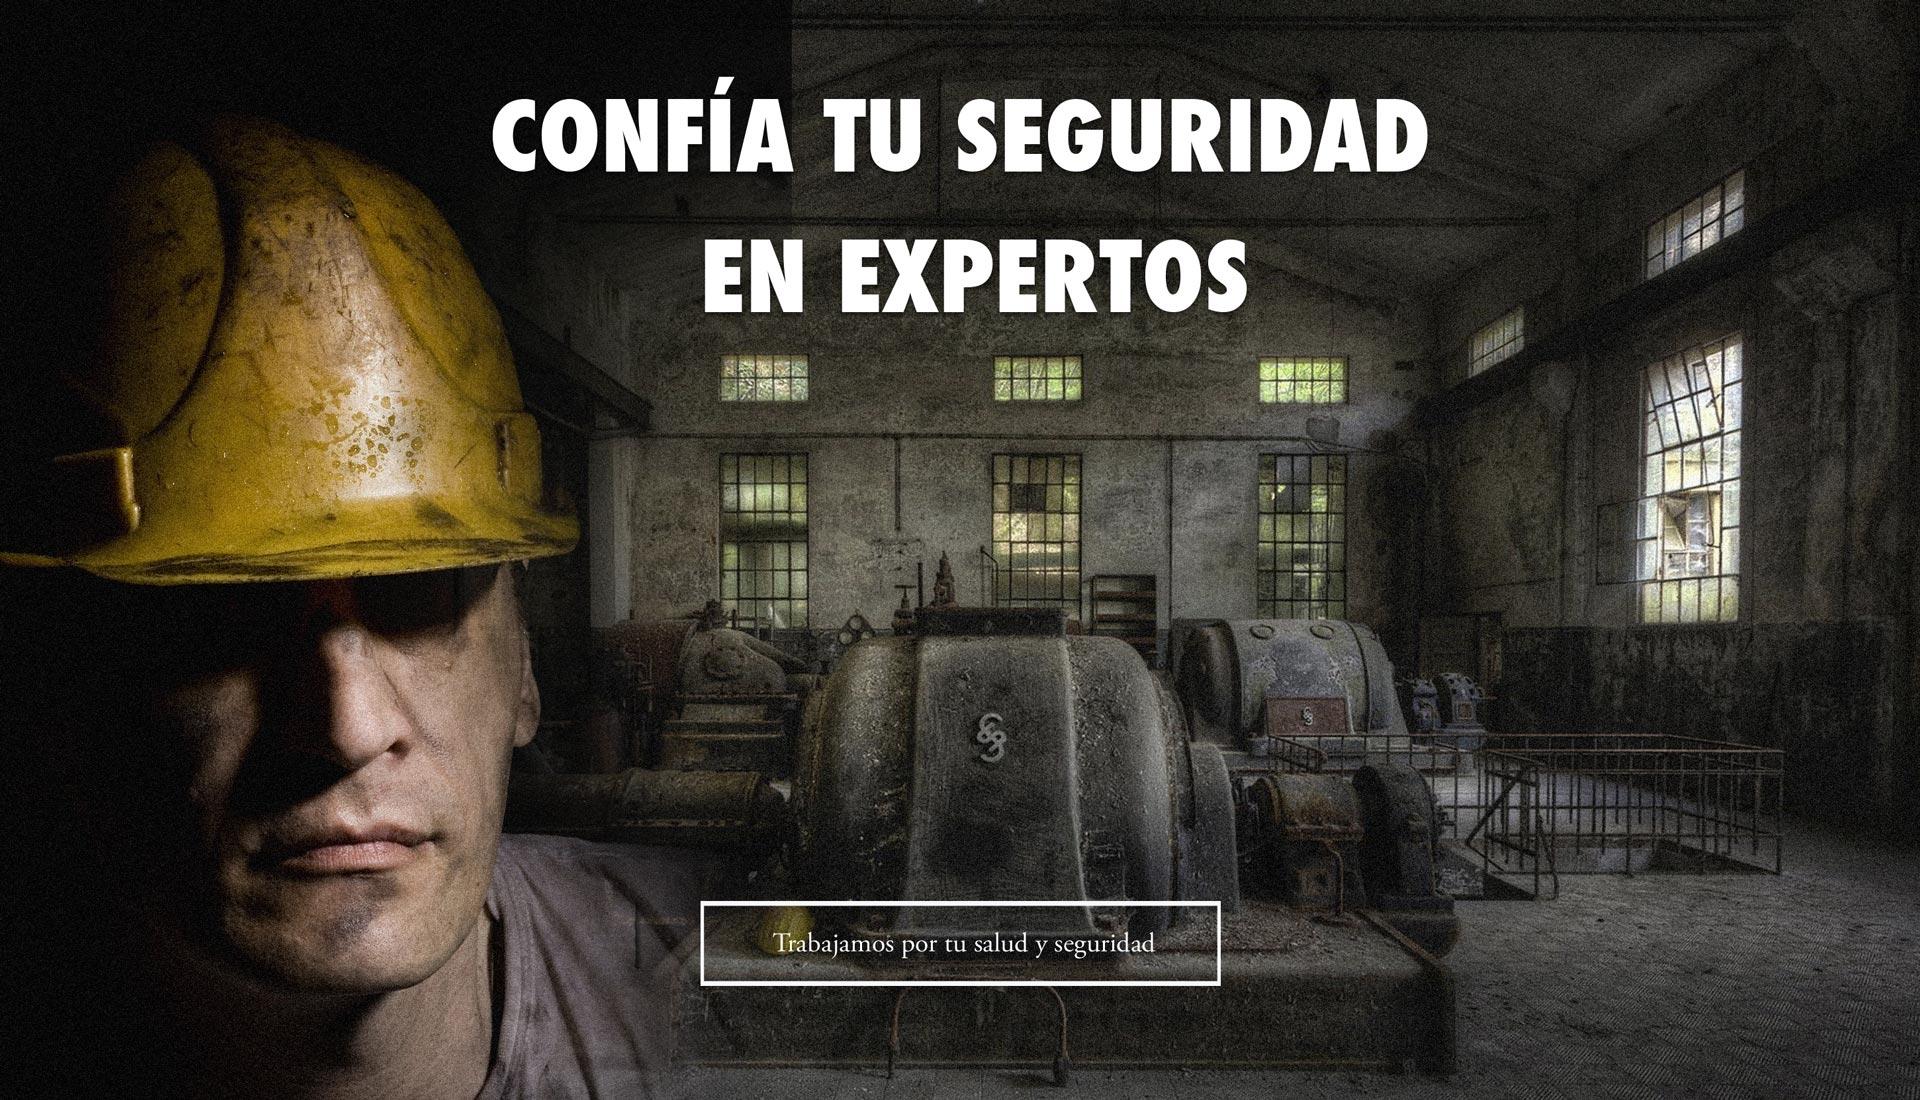 Confía tu seguridad en expertos